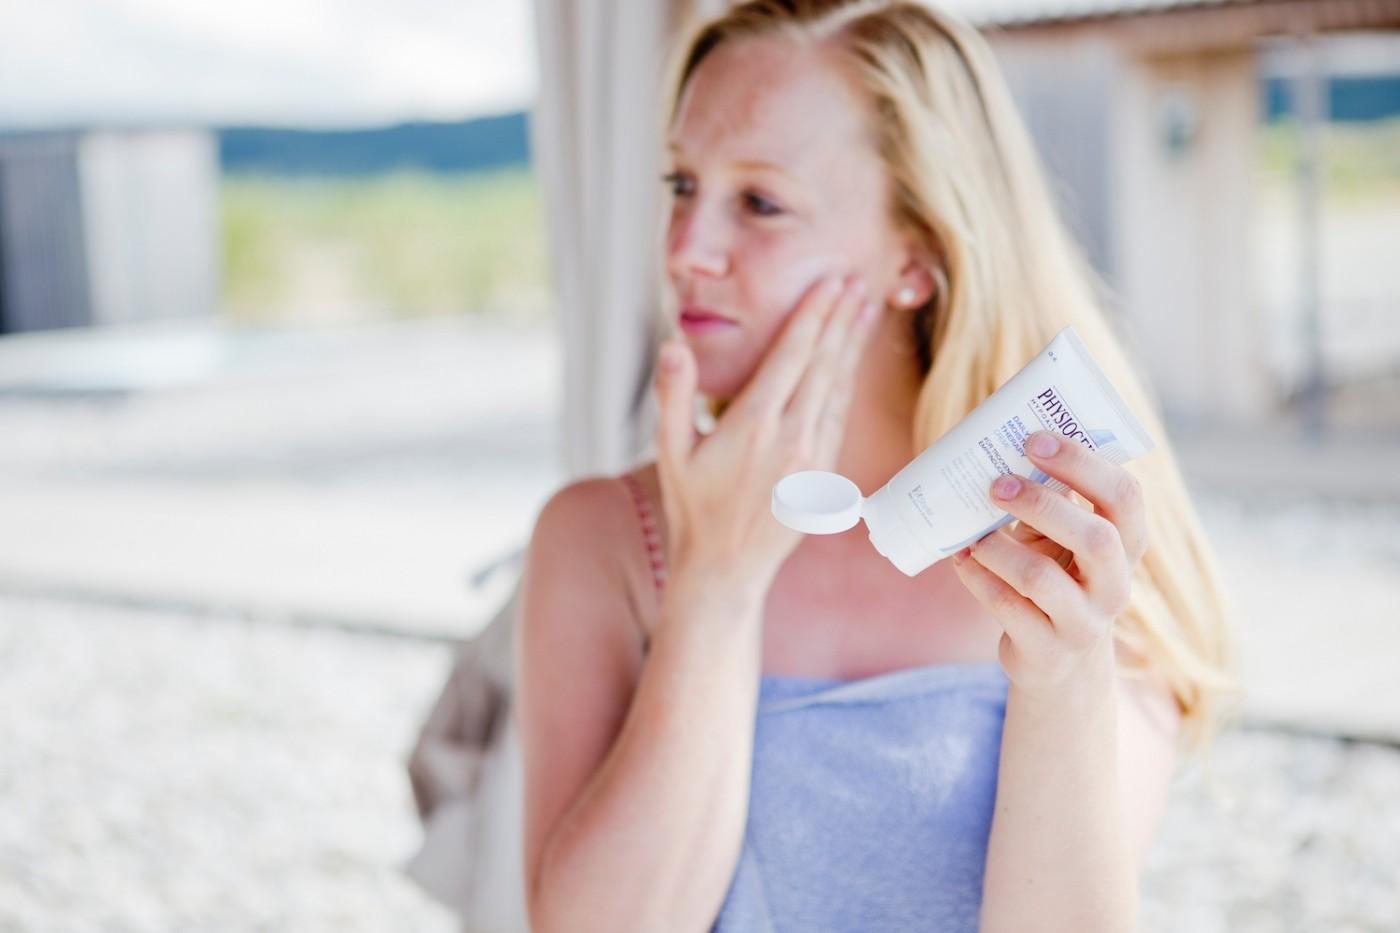 Physiogel hautpflegeprodukte ohne Parfüm, Farbstoffe, Konservierungsmittel für trockene und empfindliche Haut